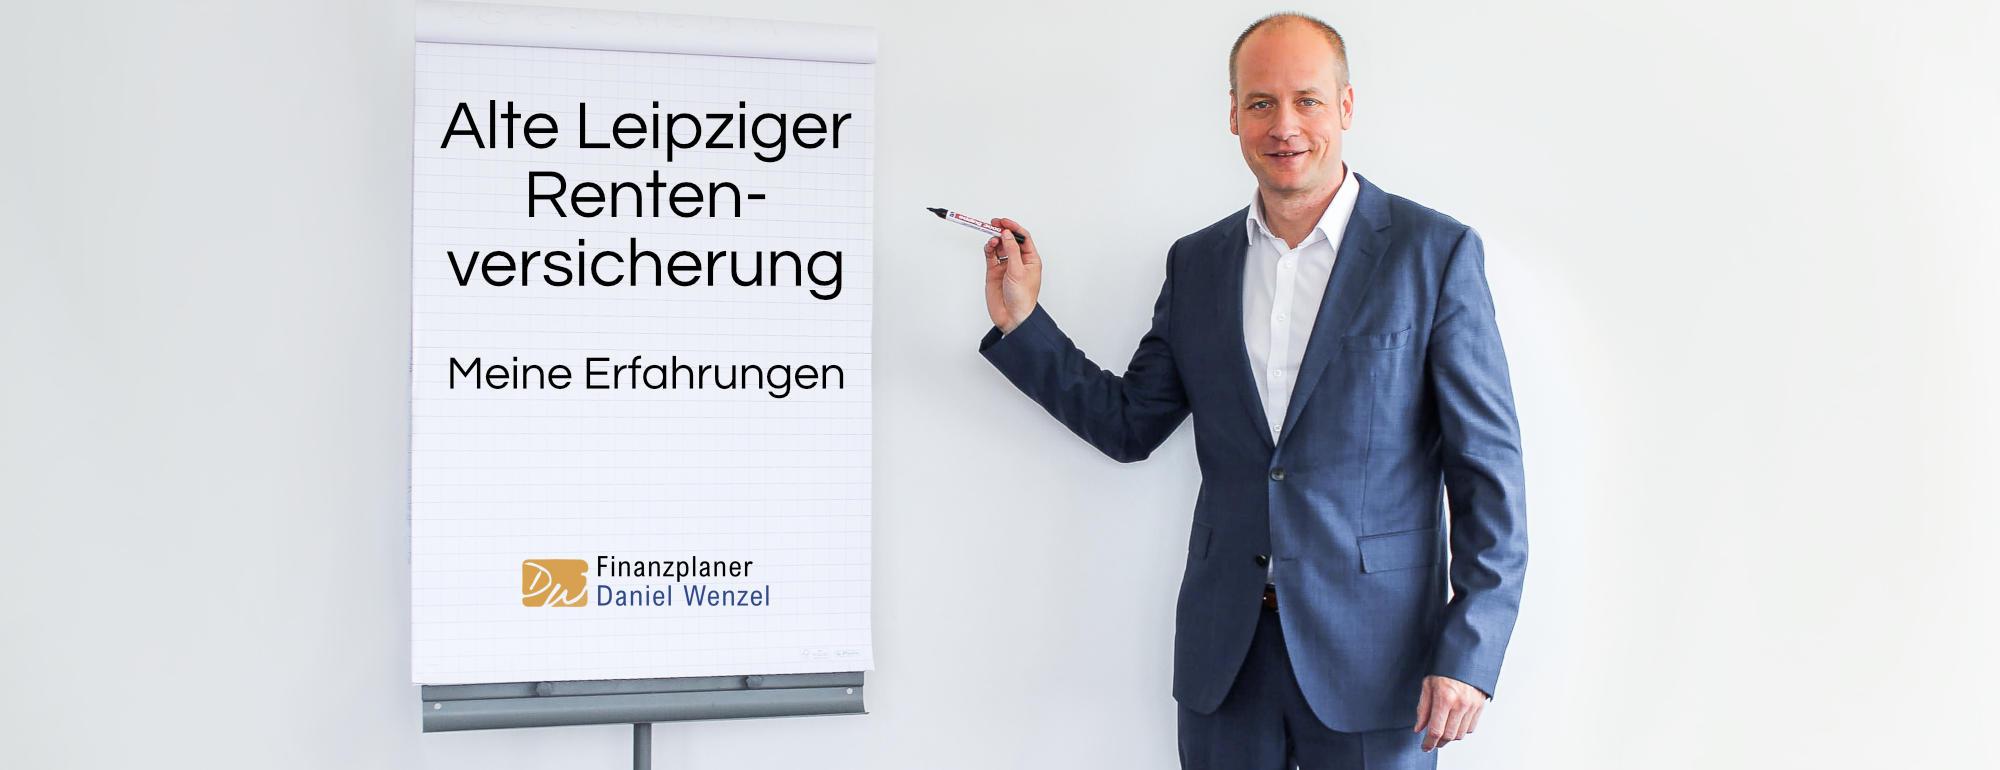 Alte Leipziger Rentenversicherung - Meine Erfahrungen